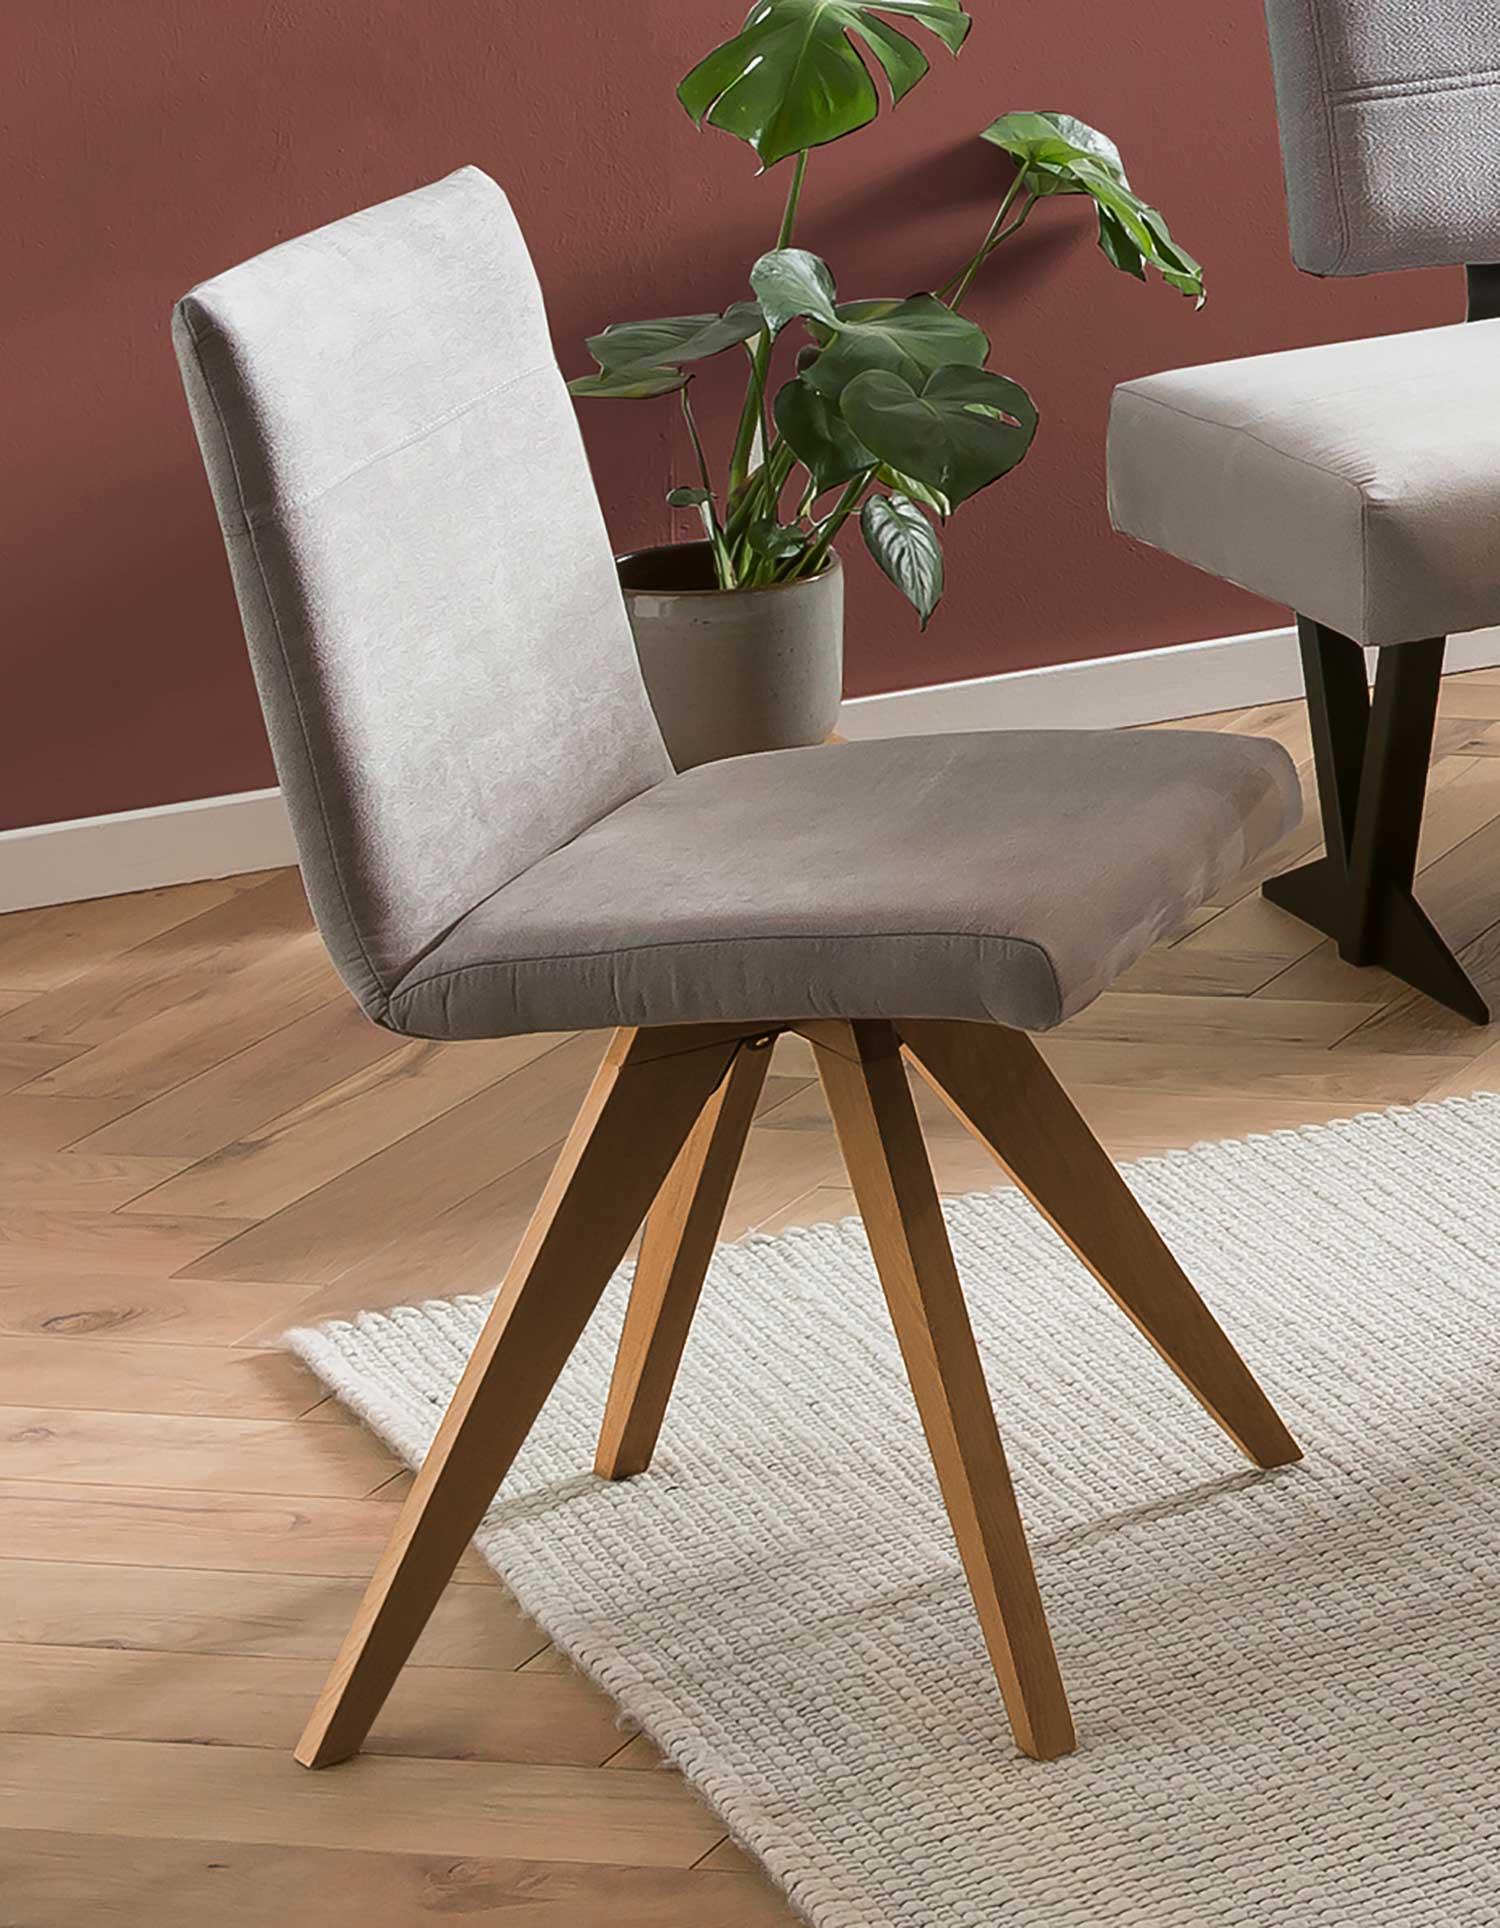 Standard Furniture Colmar Polsterstuhl mit Spiderbeinen in hellgrau